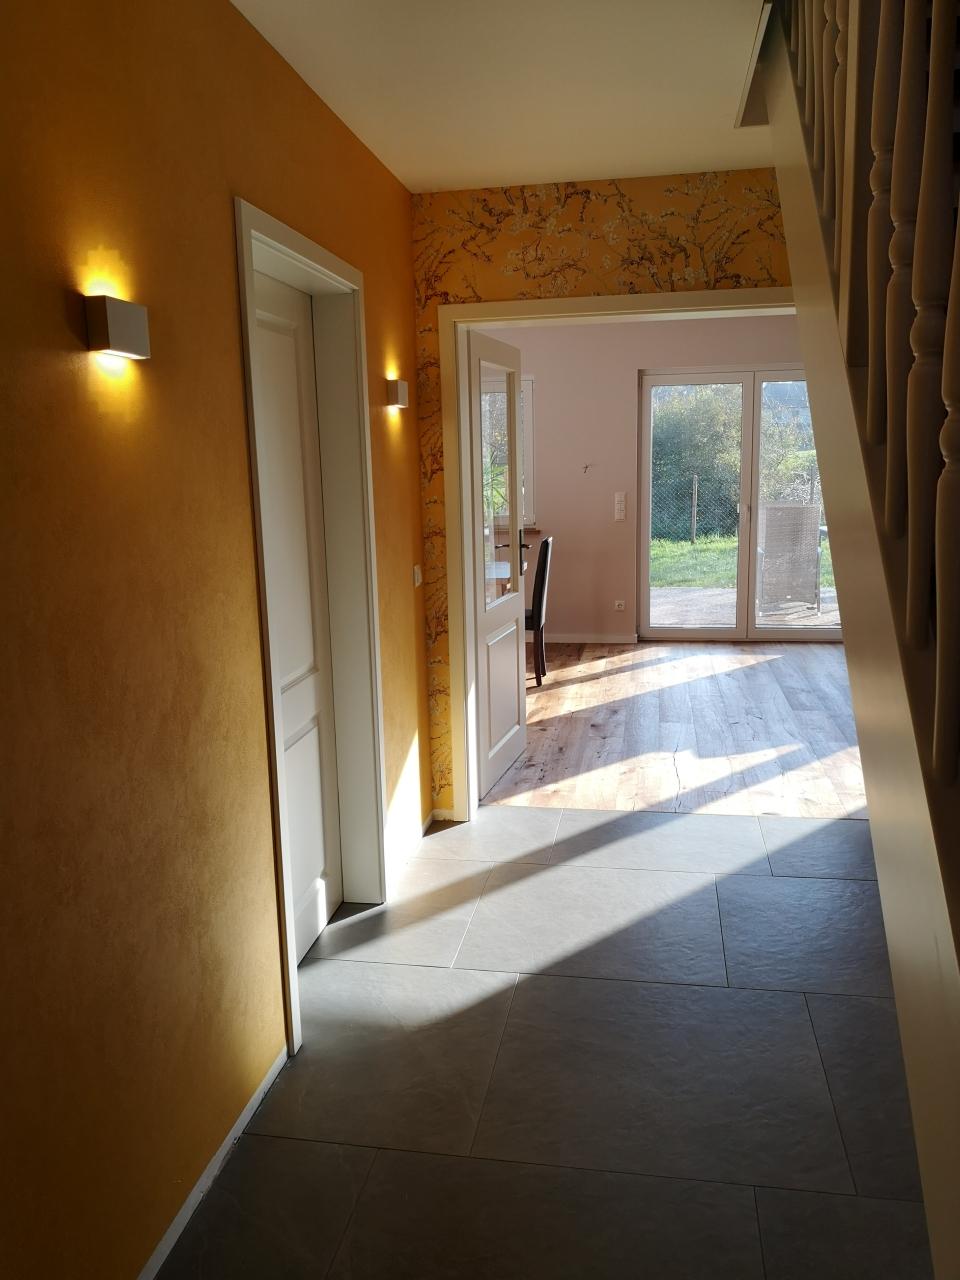 Durchdachte Licht und Farbkonzepte verleihen den Räumen Wärme und Geborgenheit.